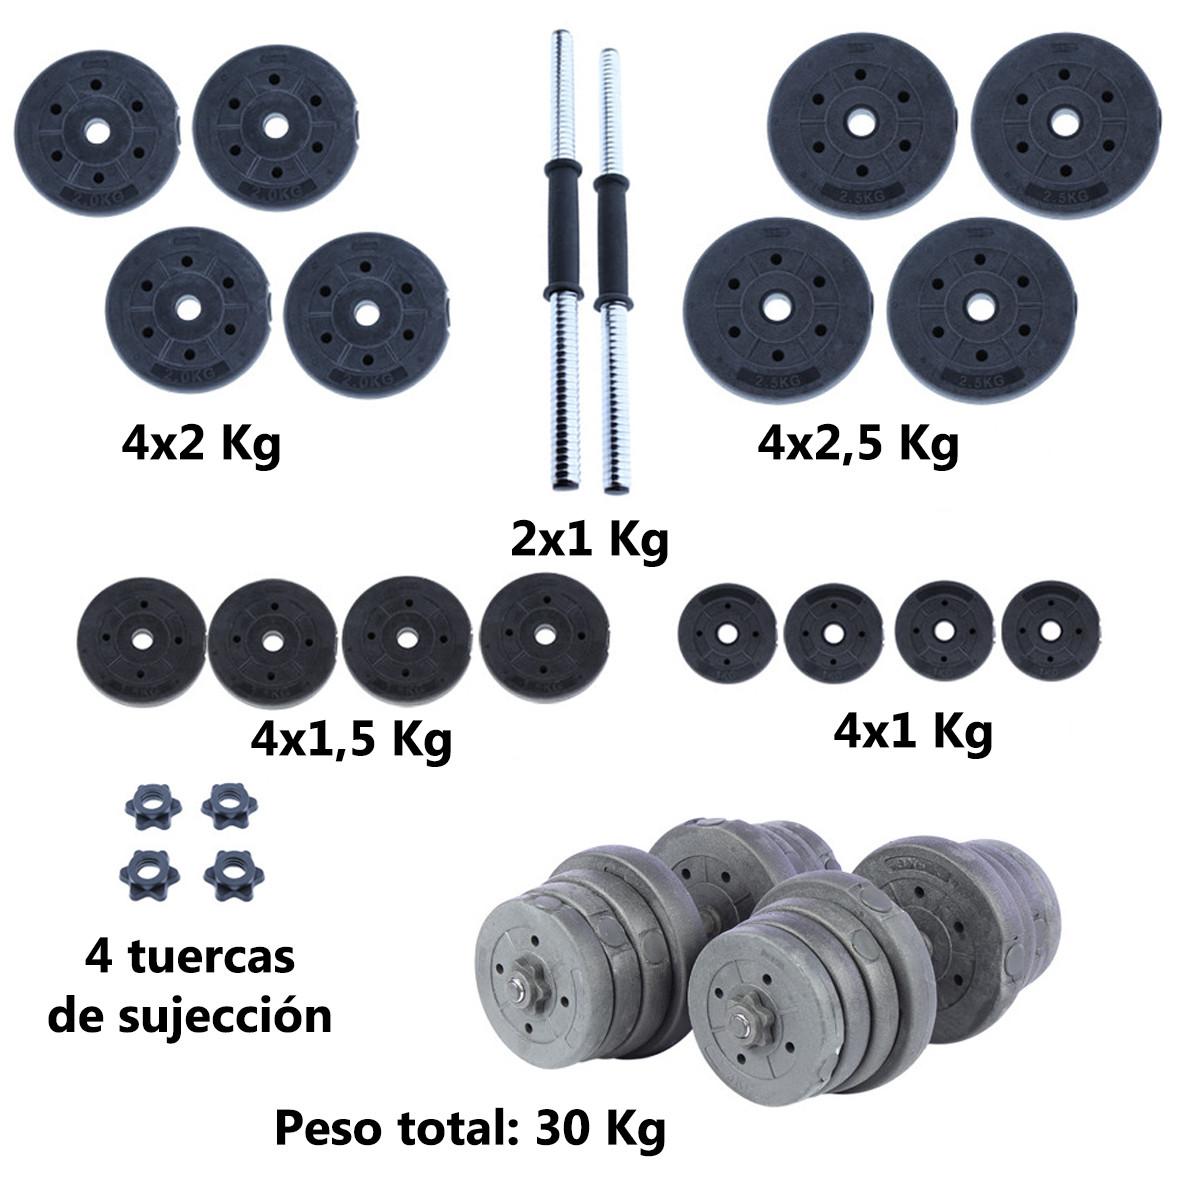 Juego-de-mancuernas-ajustables-con-discos-varios-pesos-Risc miniatura 52